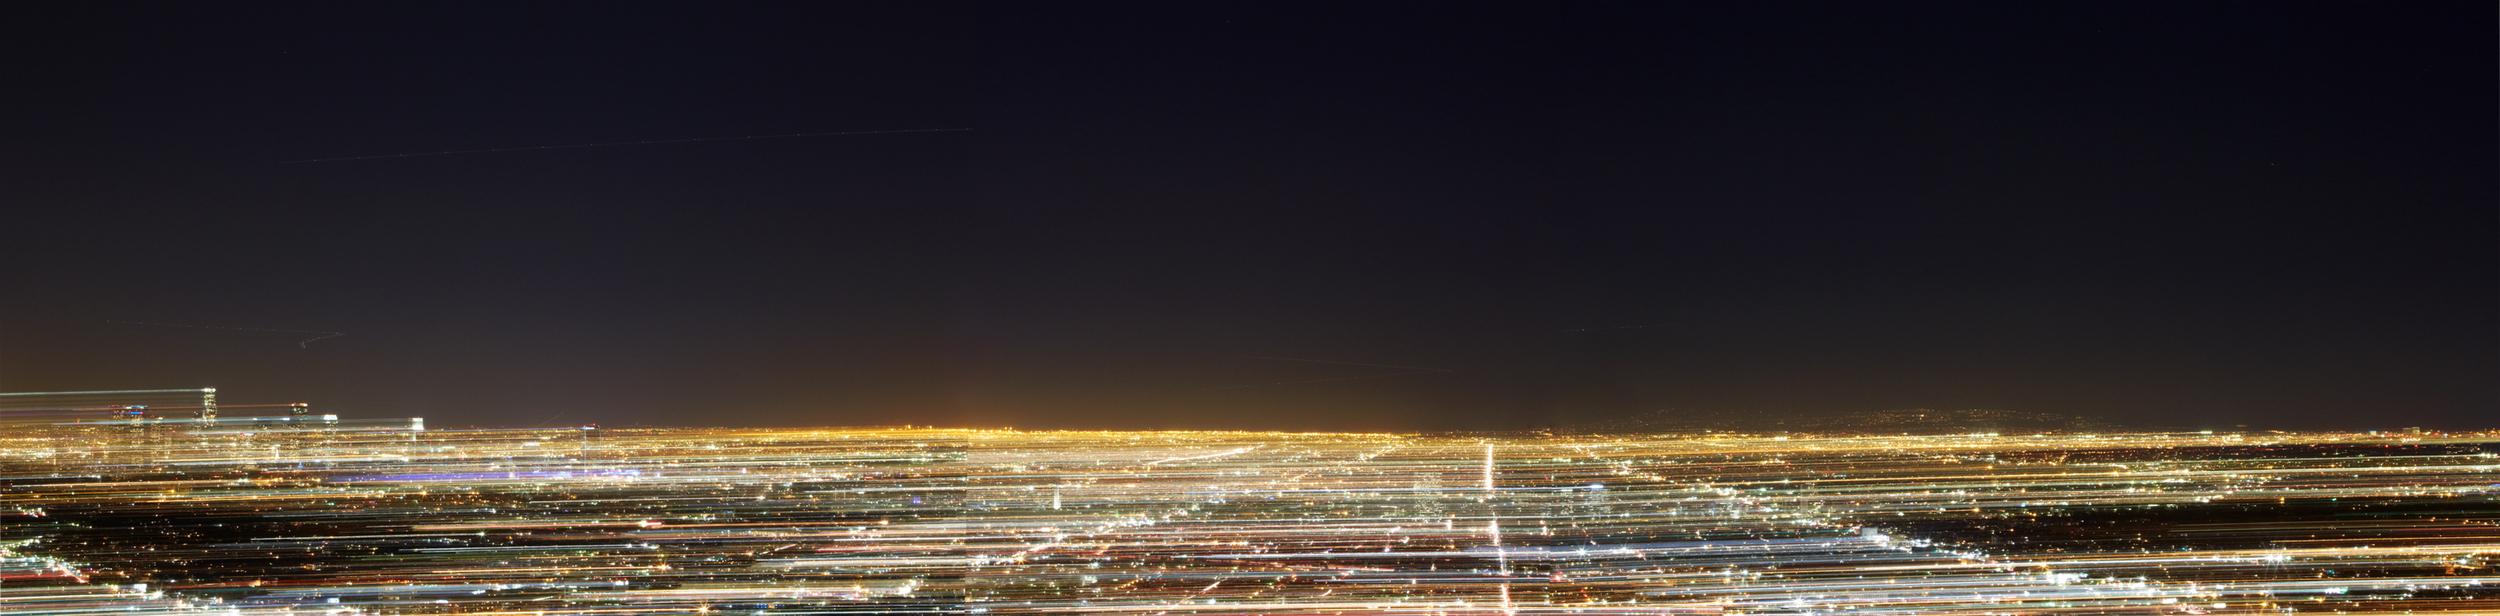 DTOWN LIGHT SCRAPE.jpg